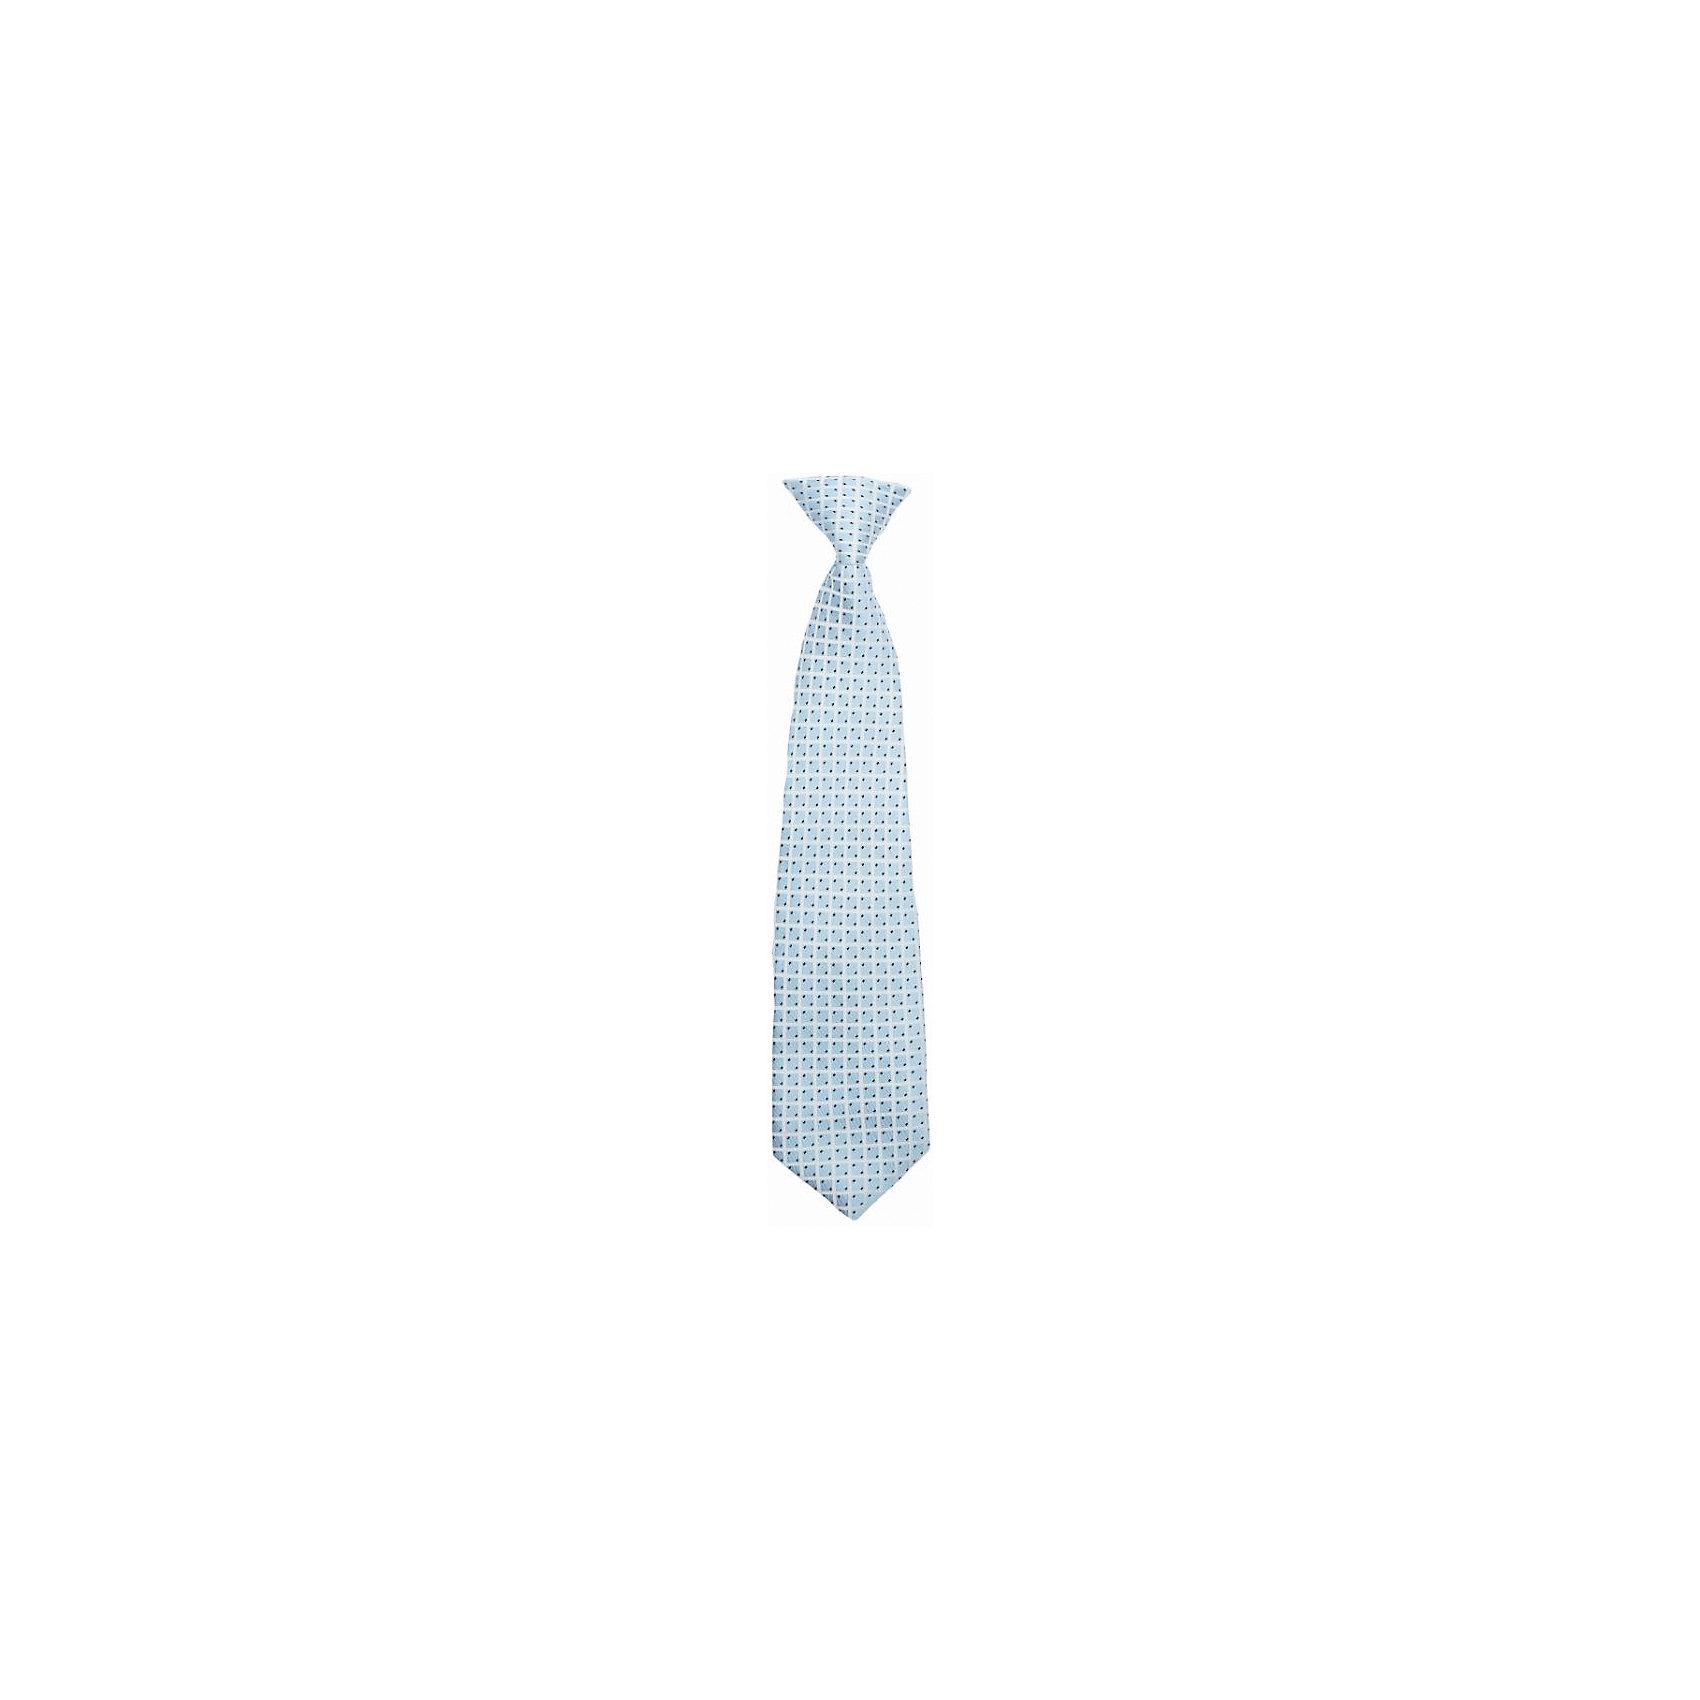 Галстук для мальчика ScoolАксессуары<br>Галстук для мальчика от известного бренда Scool<br>Состав:<br>100% полиэстер<br>Классический галстук голубого цвета в мелкий узор.<br><br>Ширина мм: 170<br>Глубина мм: 157<br>Высота мм: 67<br>Вес г: 117<br>Цвет: голубой<br>Возраст от месяцев: 84<br>Возраст до месяцев: 144<br>Пол: Мужской<br>Возраст: Детский<br>Размер: one size<br>SKU: 4686860